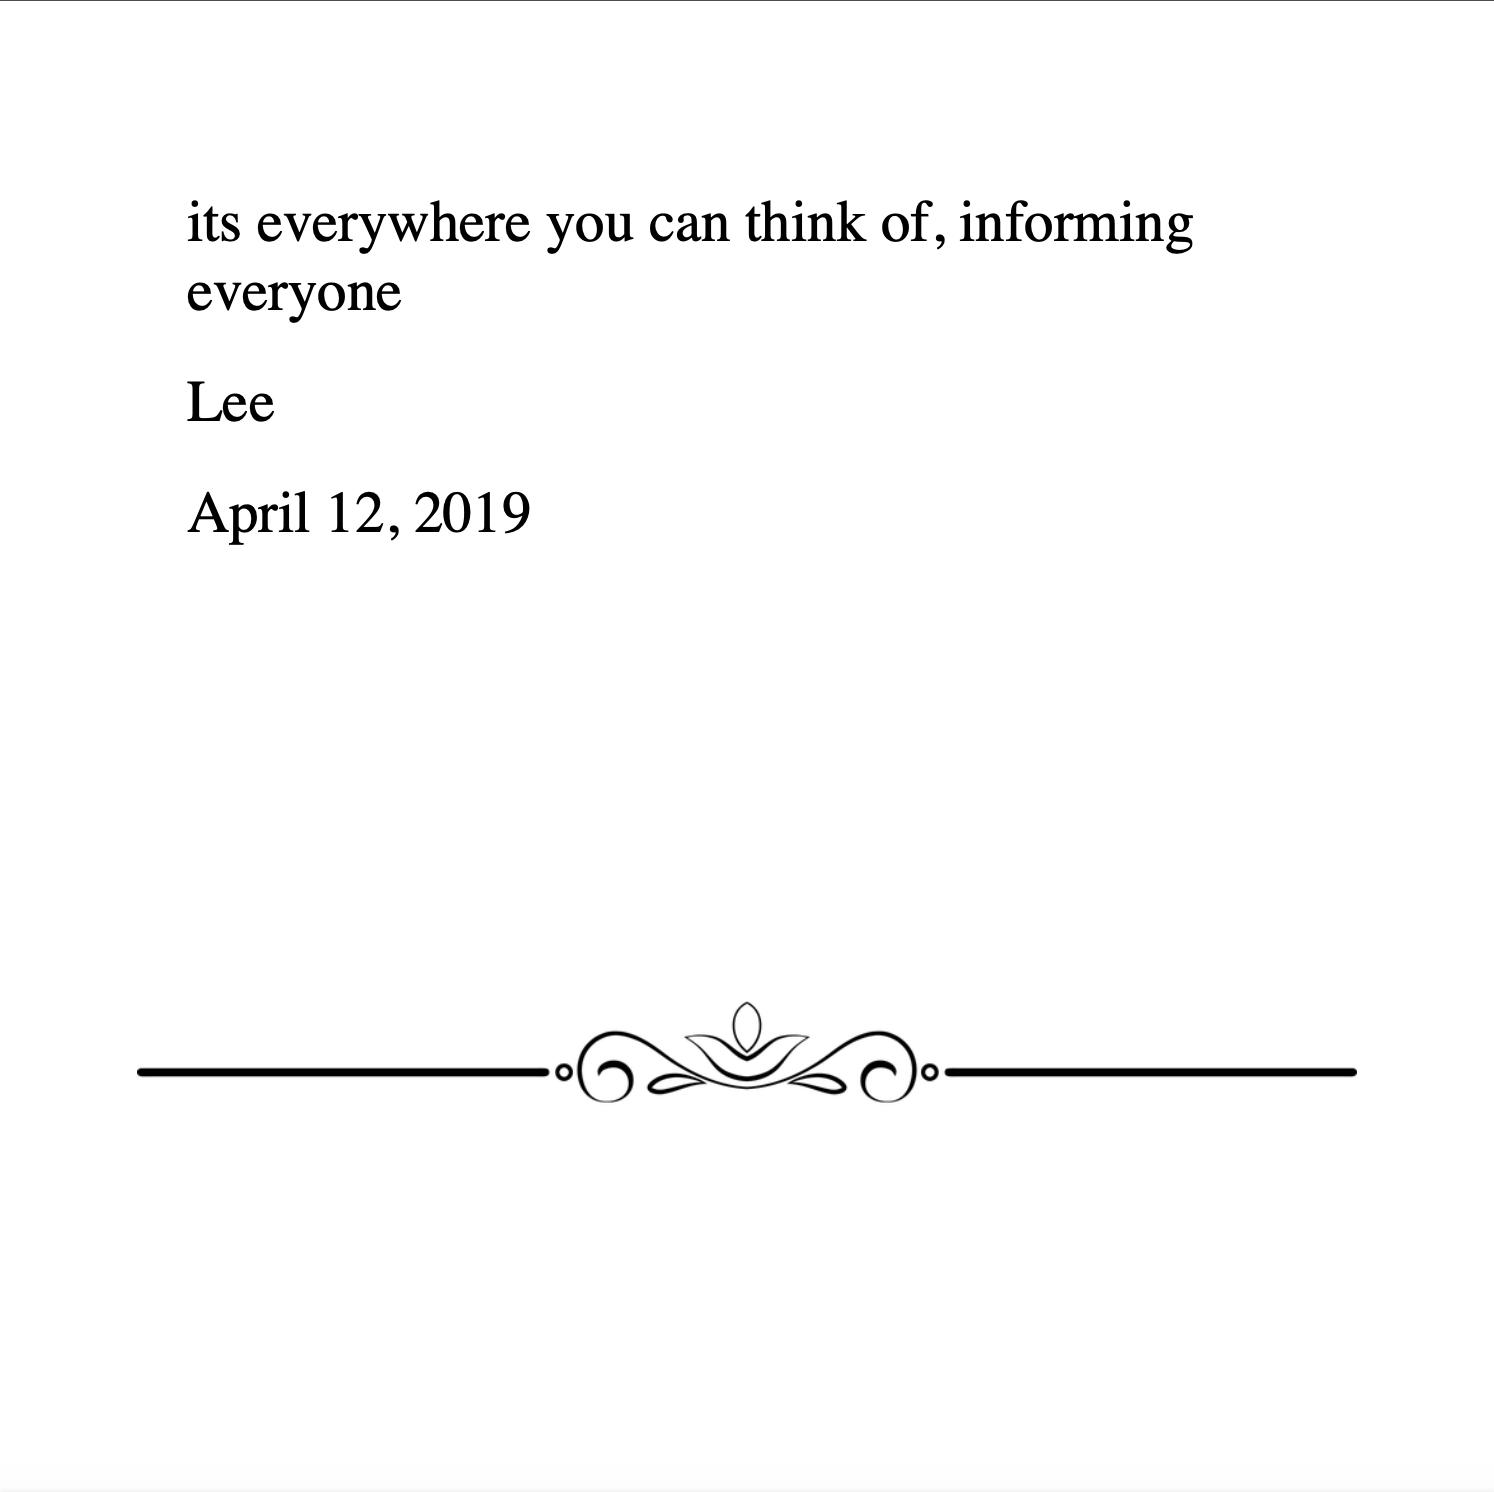 Lee 4.12.2019